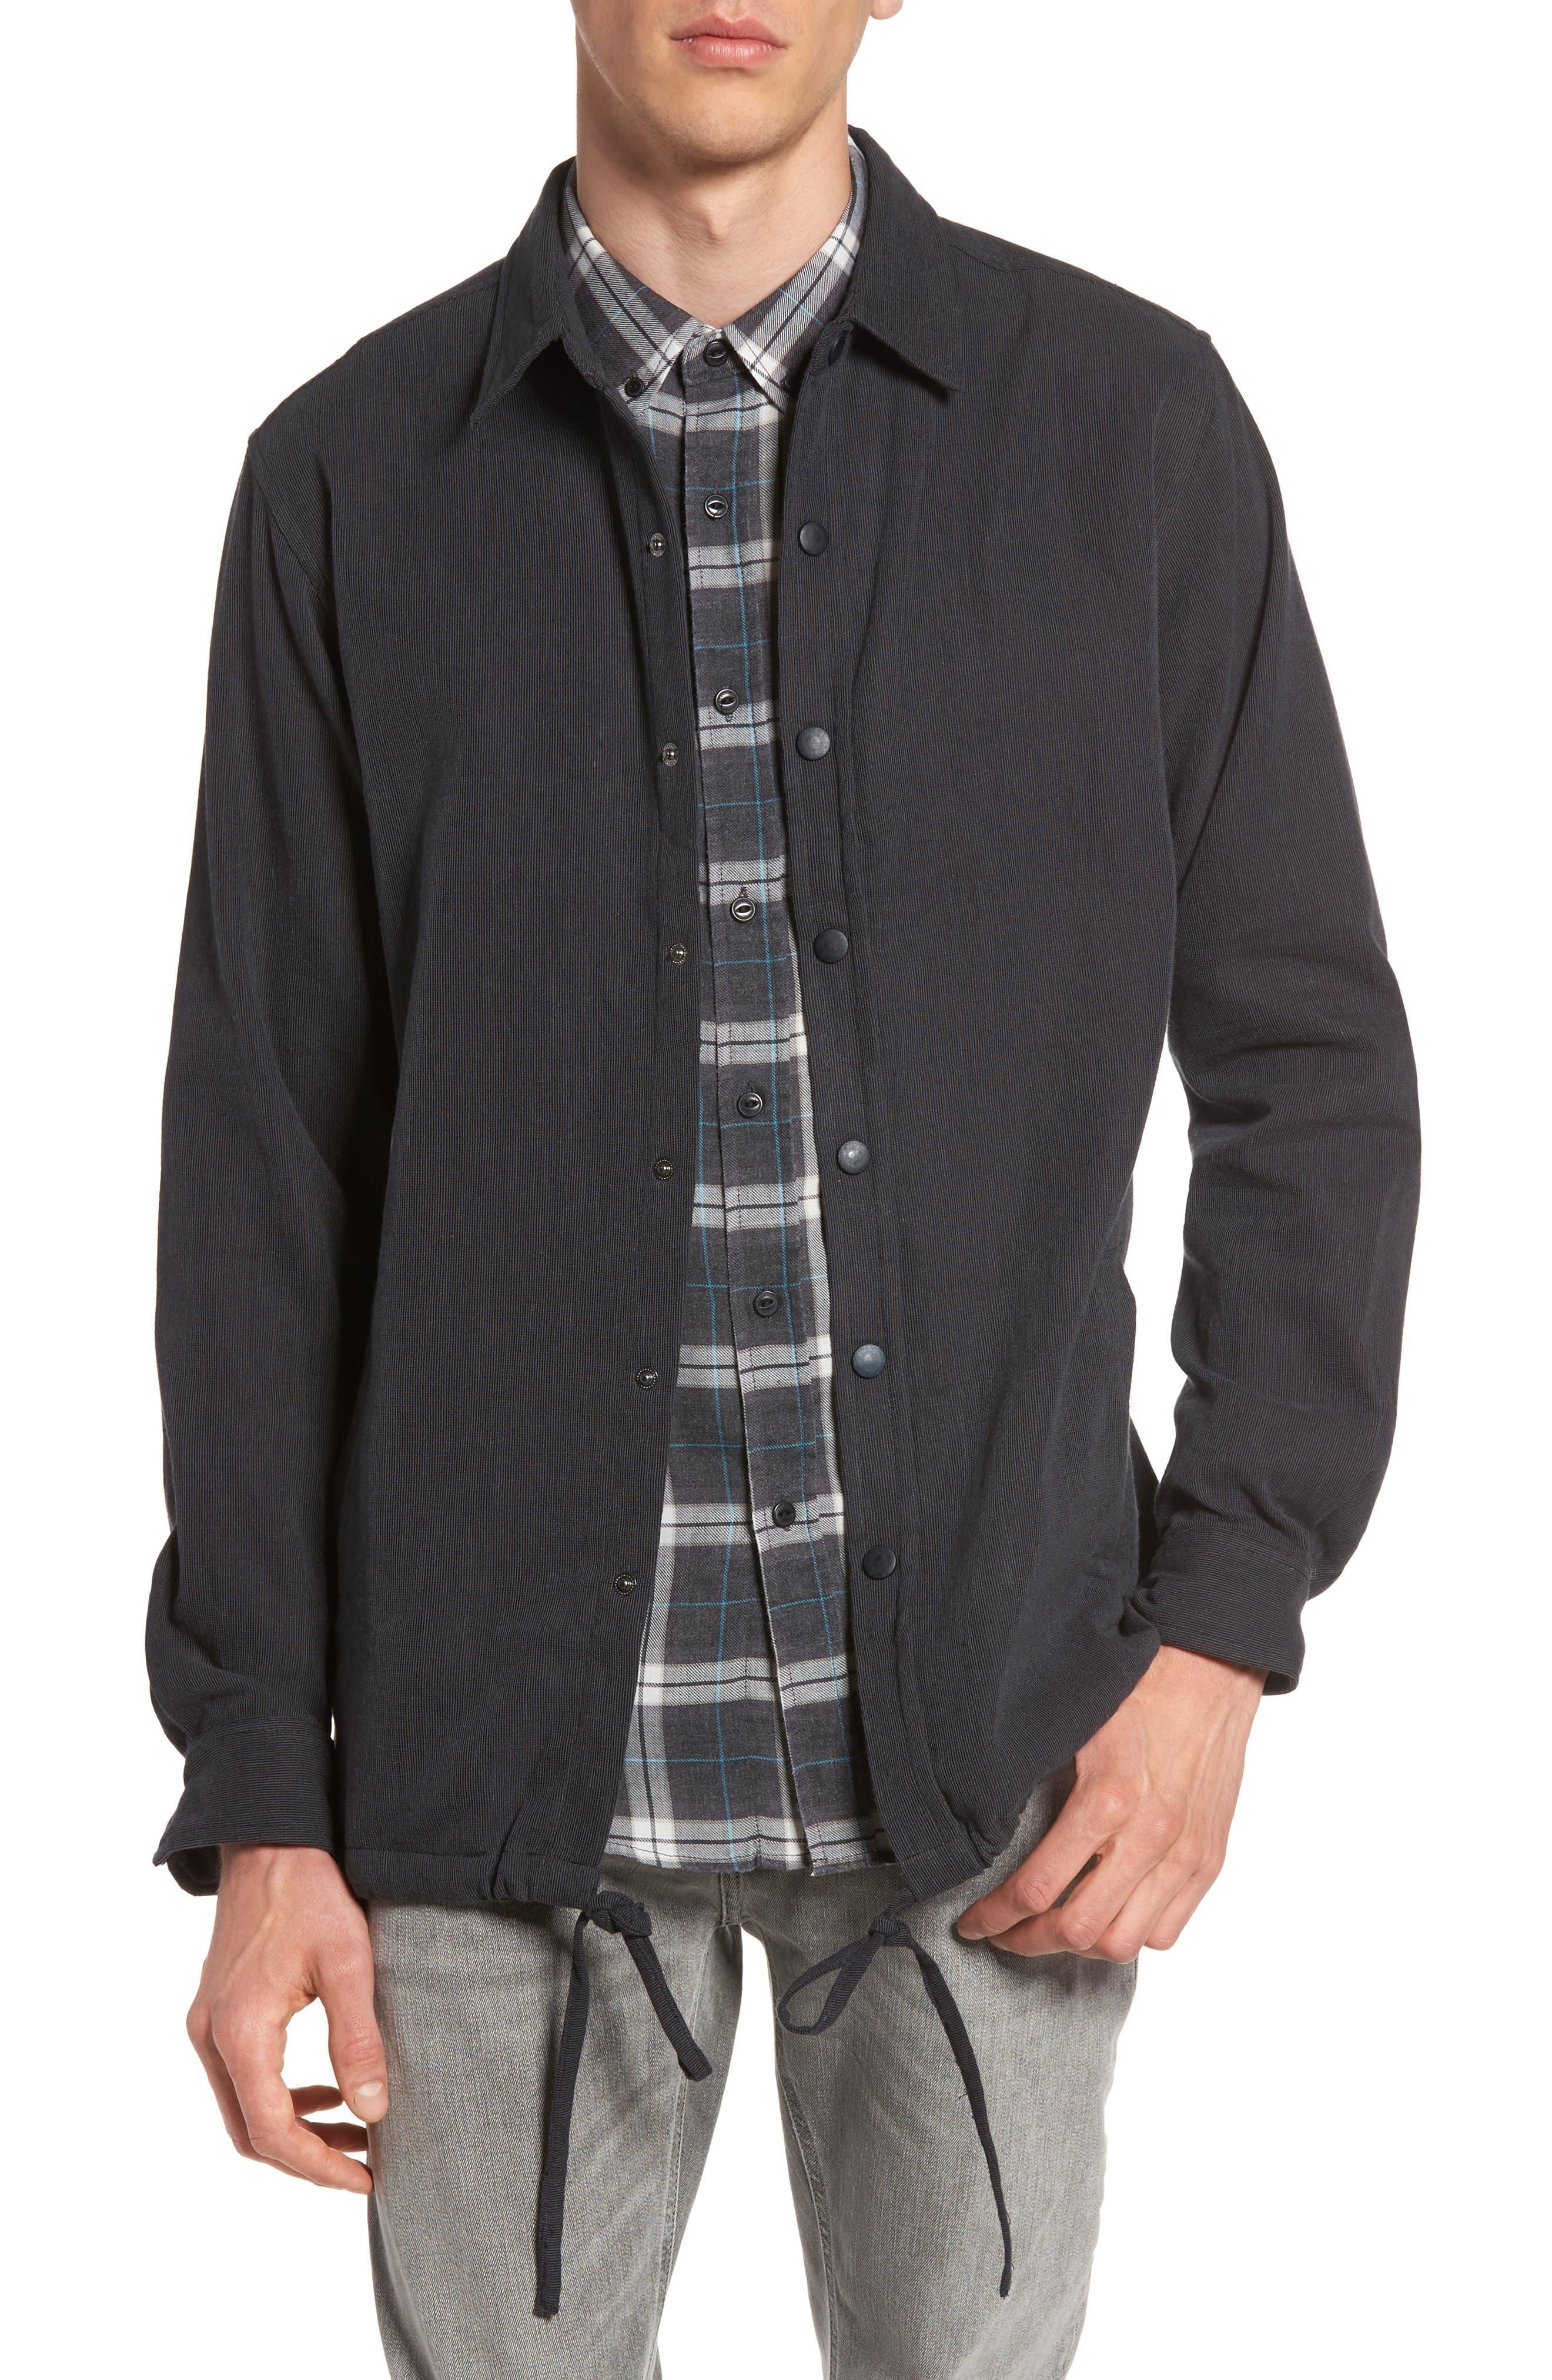 Textured Cotton Coach's Jacket,                             Main thumbnail 1, color,                             001